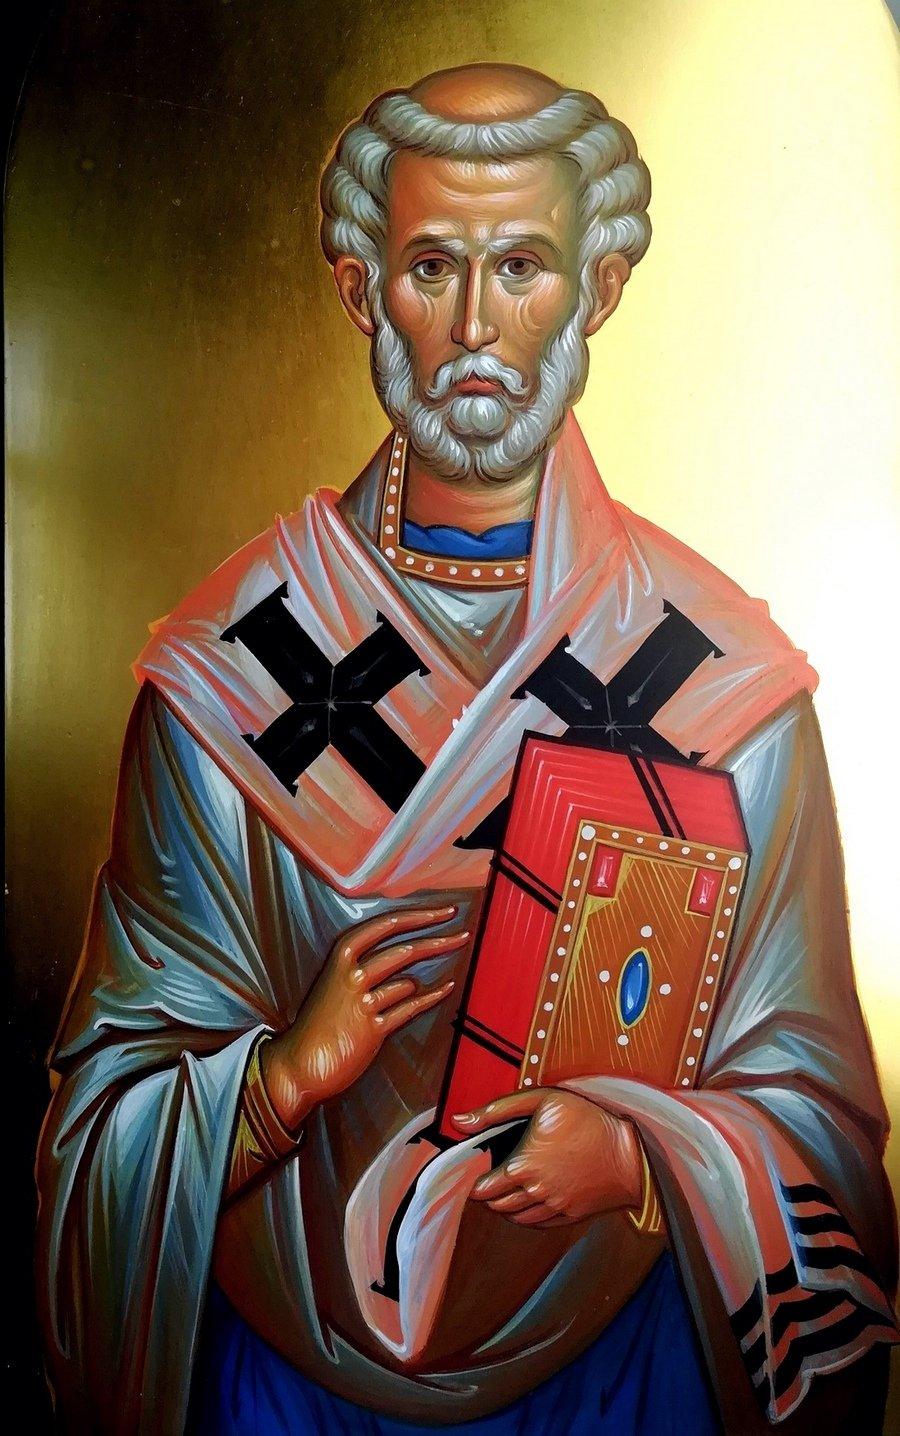 Священномученик Климент, Папа Римский. Иконописец Наталия Пискунова.